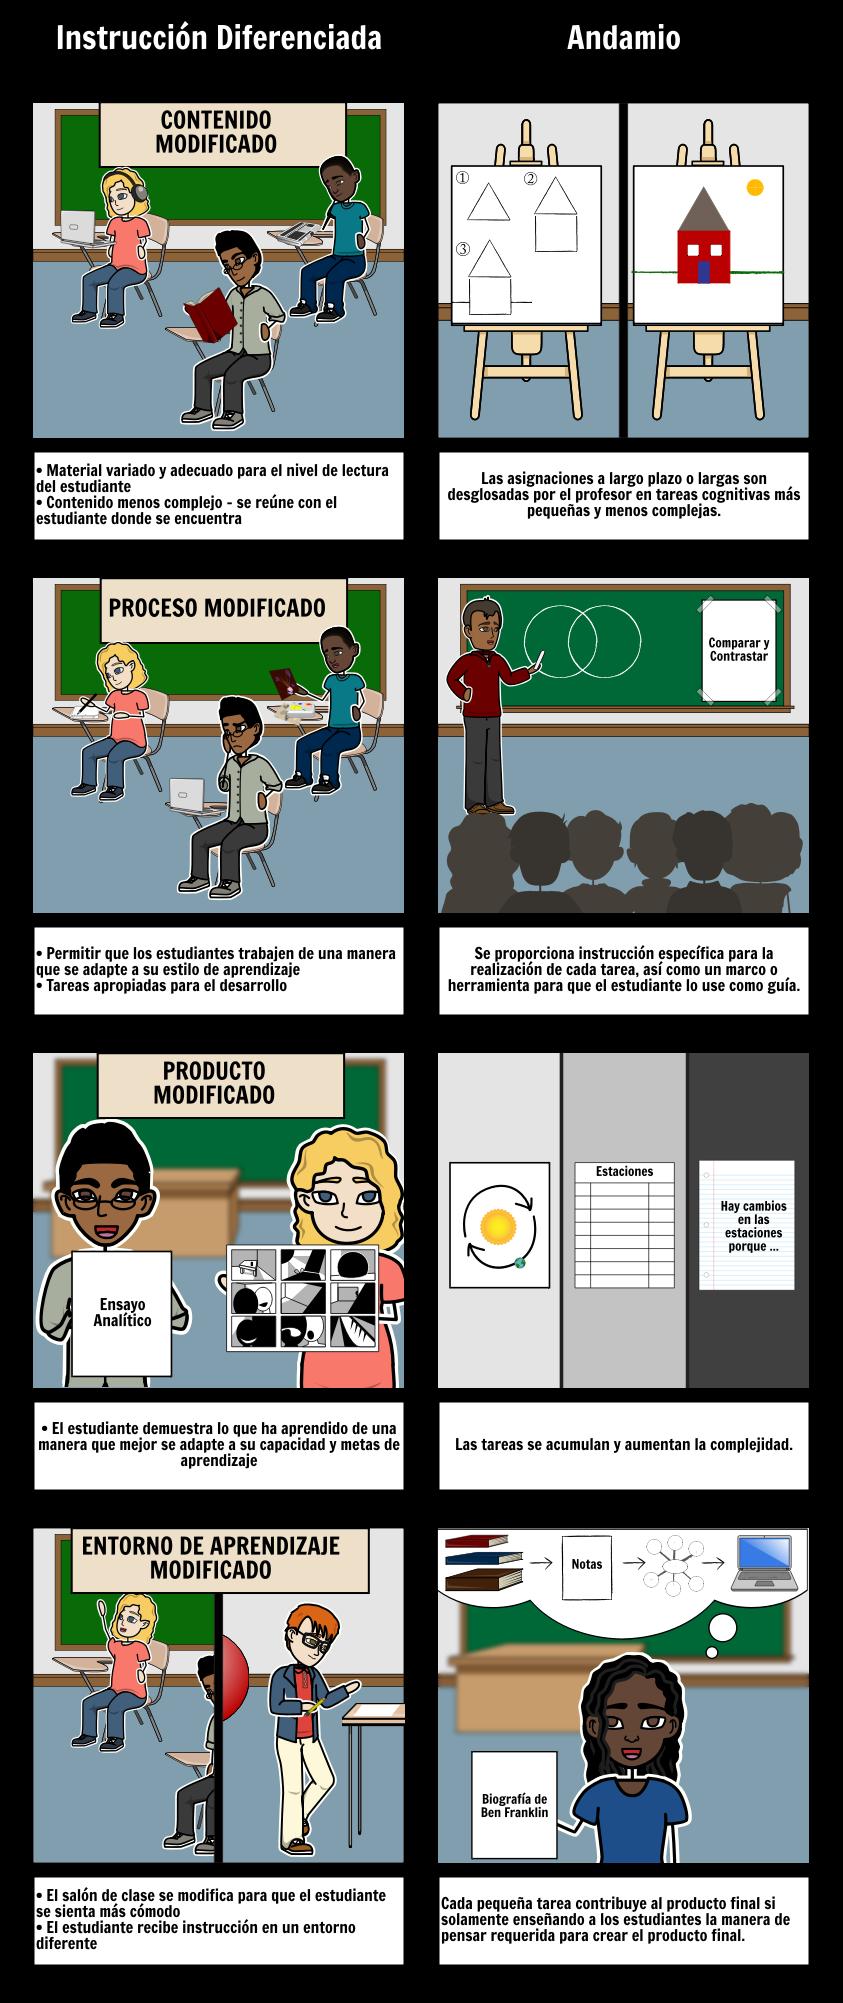 Diferenciación vs. Andamios